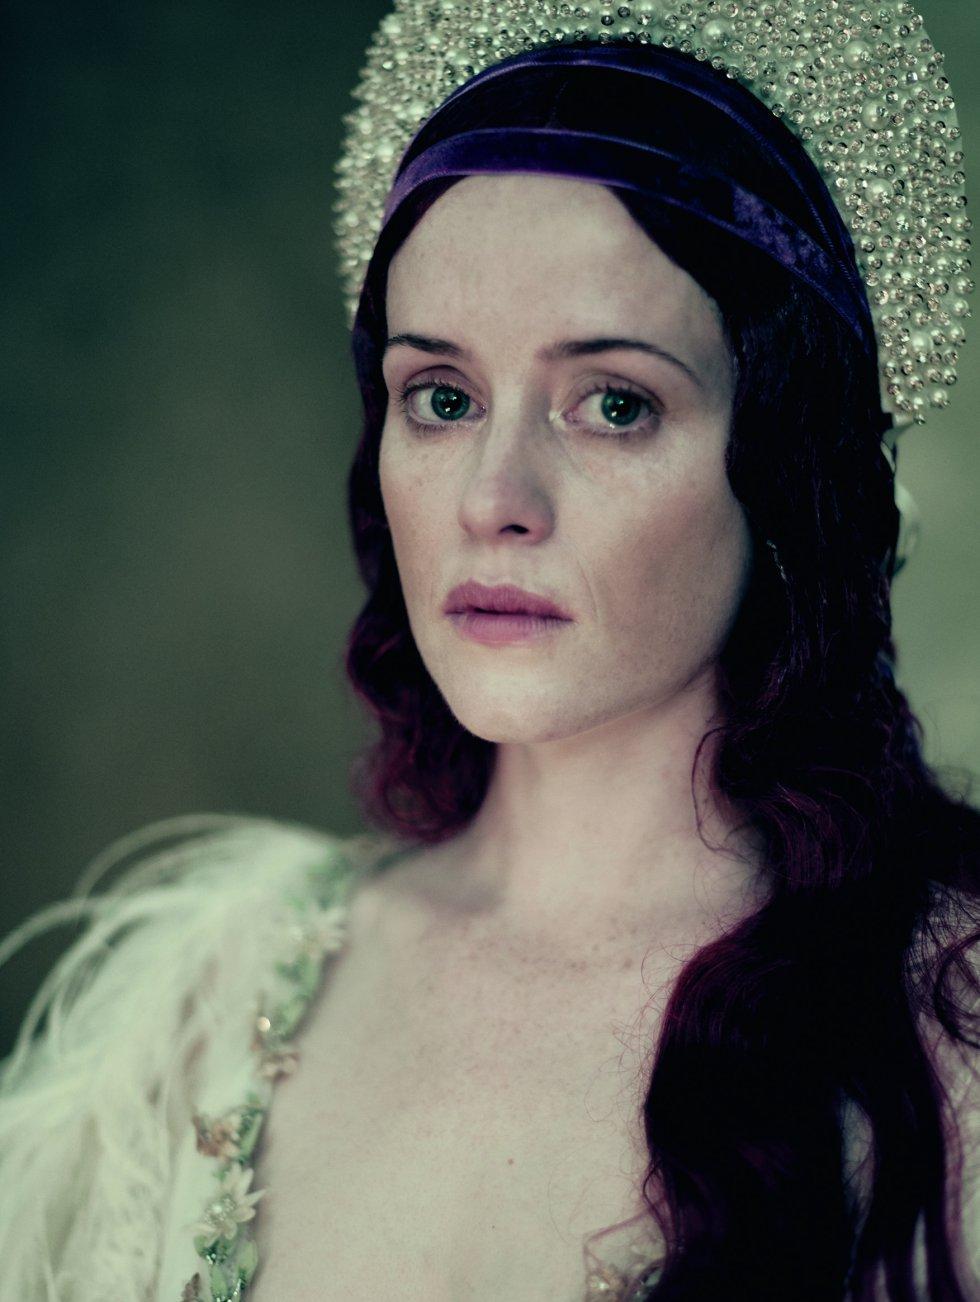 Claire Foy, conocida por haber interpretado a la reina Isabel II en las dos primeras temporadas de la serie 'The Crown'.